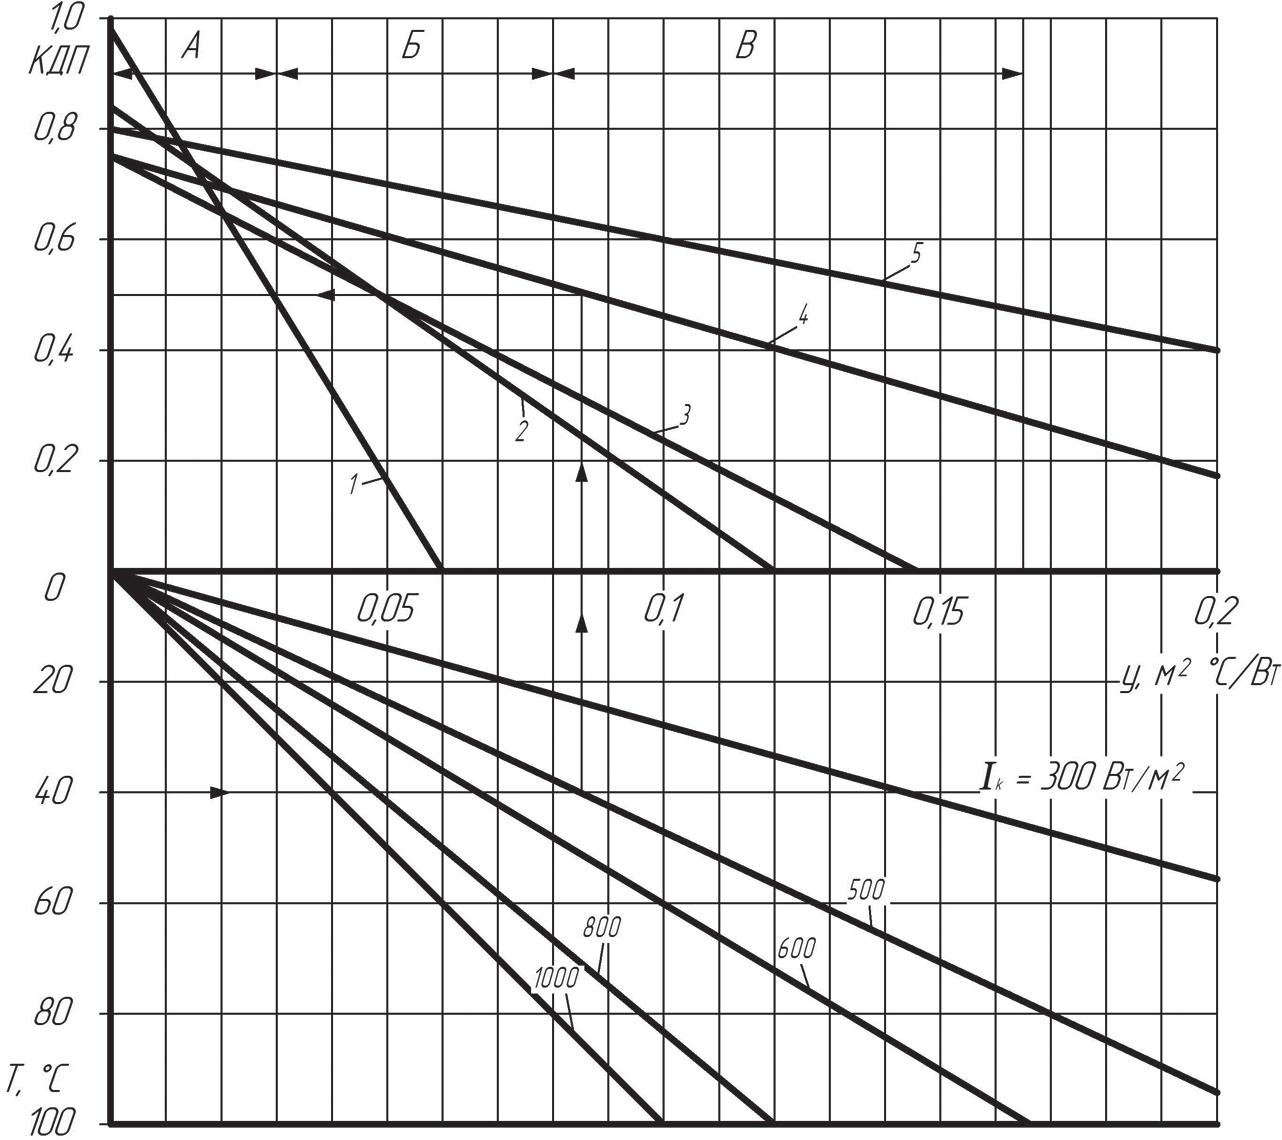 Мгновенный КПД солнечных коллекторов в зависимости от интенсивности солнечной радиации и разности температур на входе и выходе коллектора